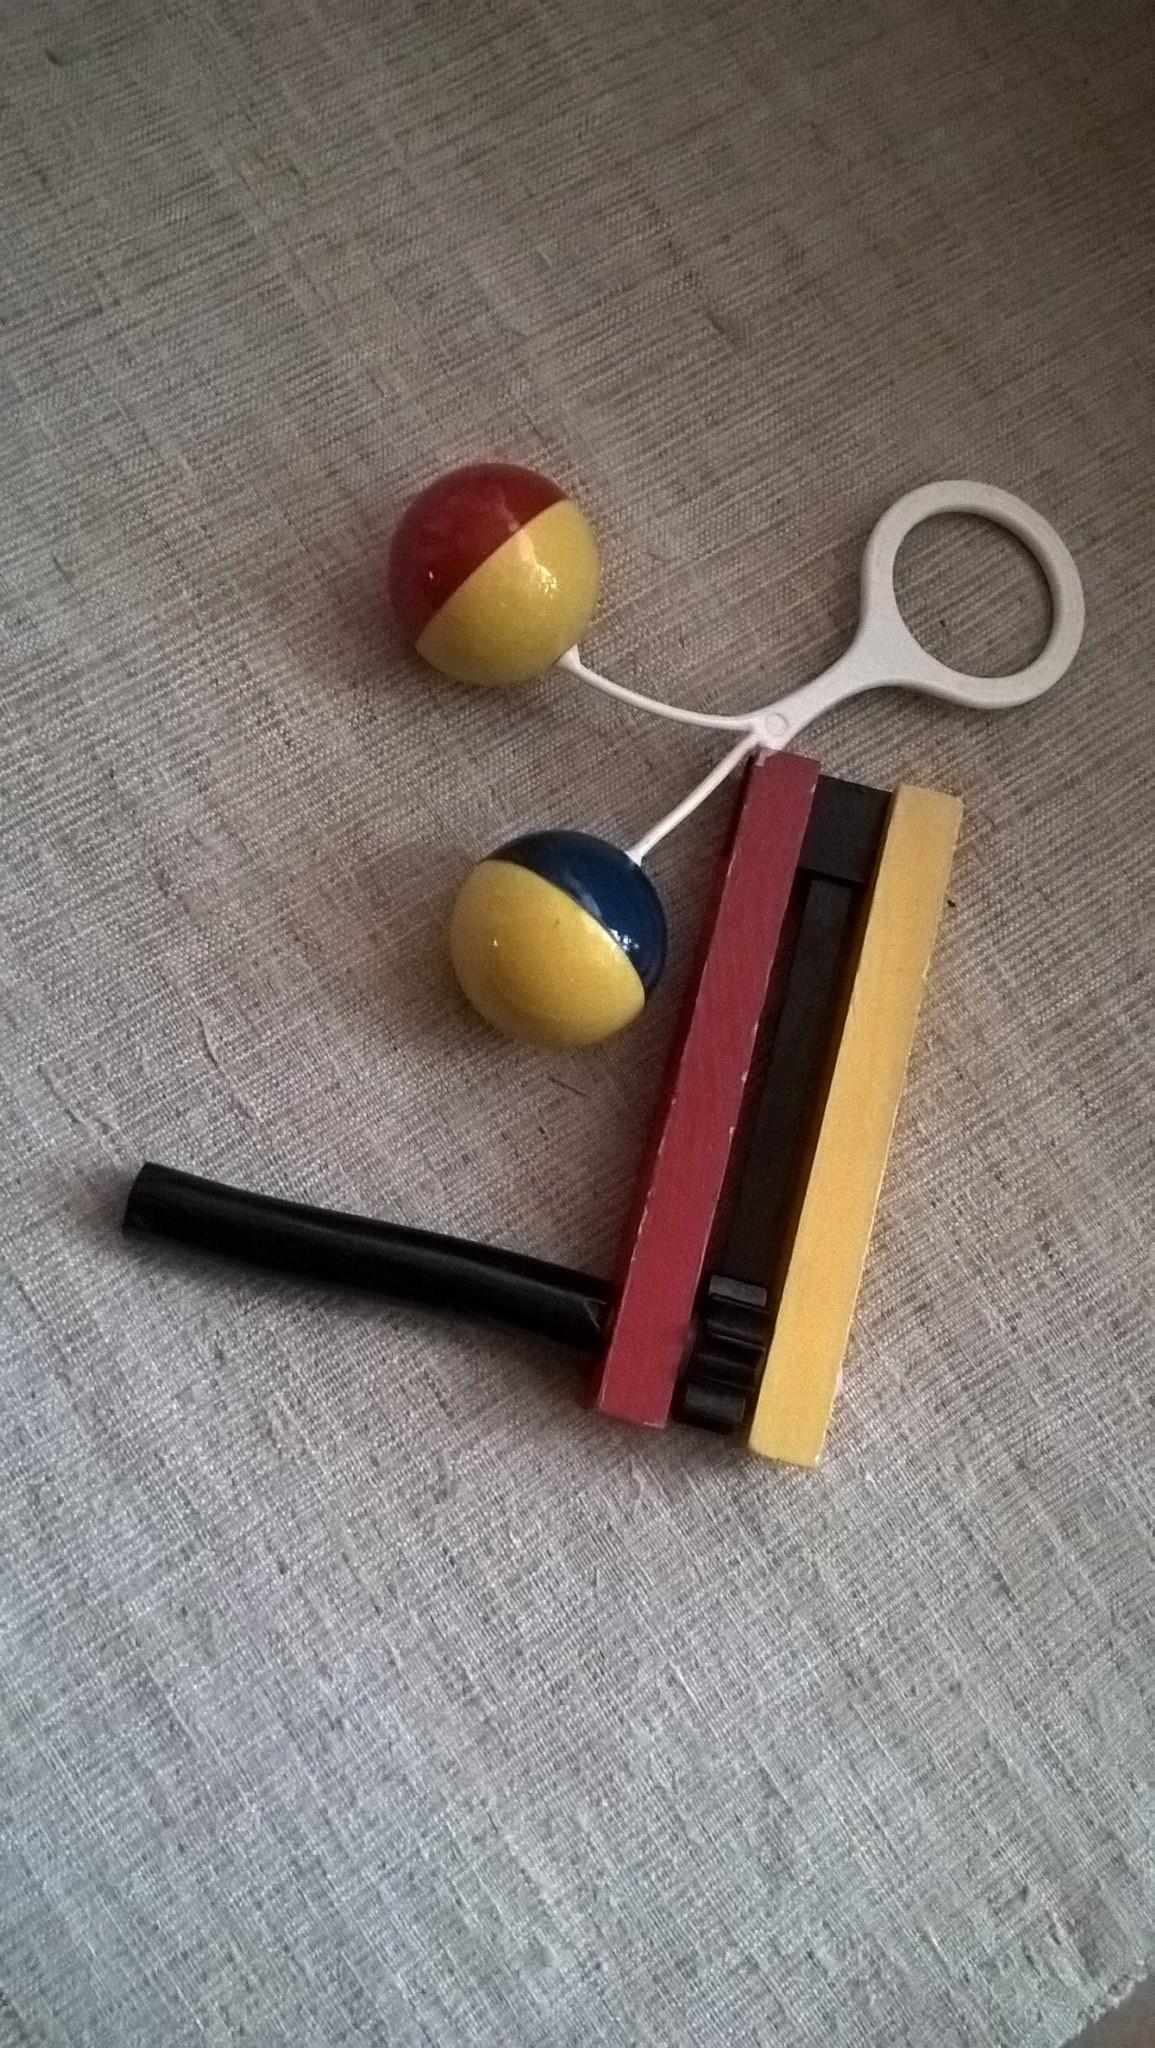 Kereplő, gyerekkorunk játéka